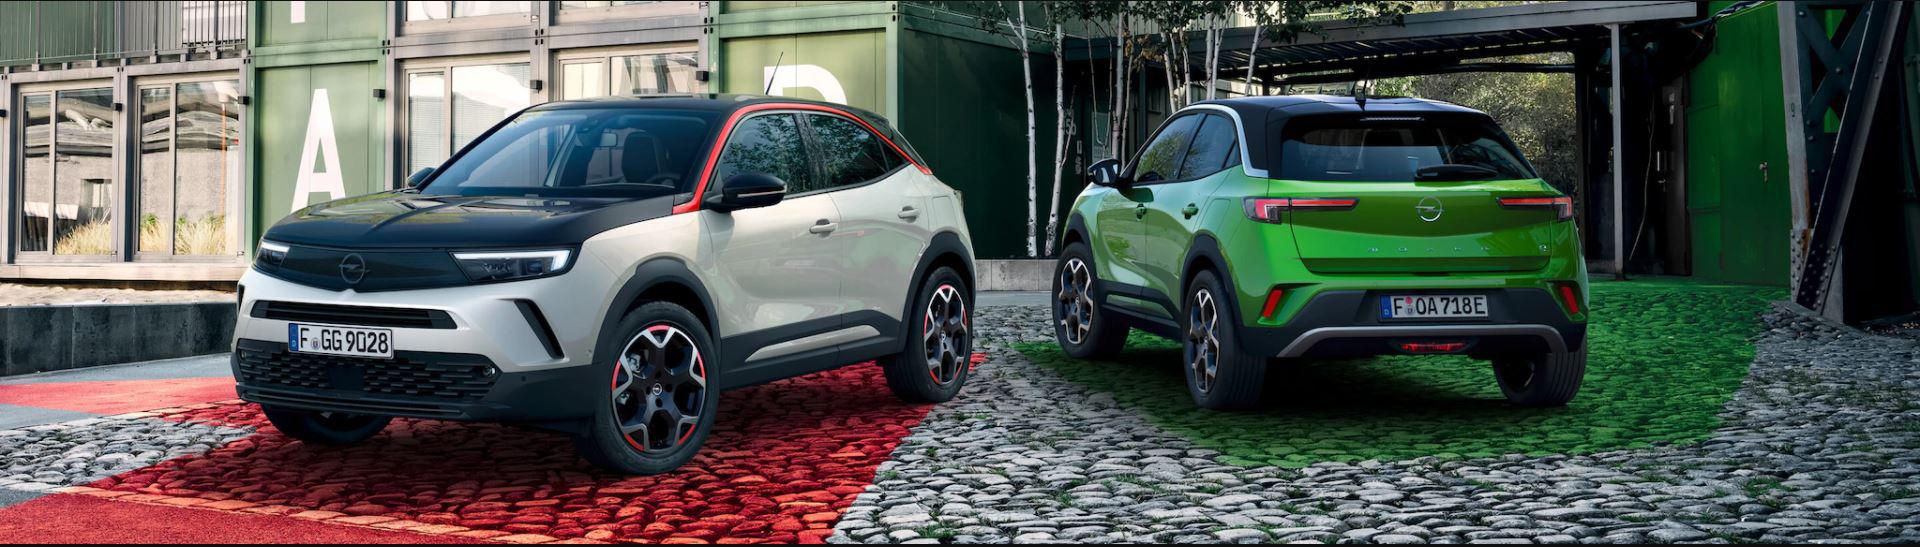 Nouvel Opel Mokka : un design émotionnel, un festival de premières